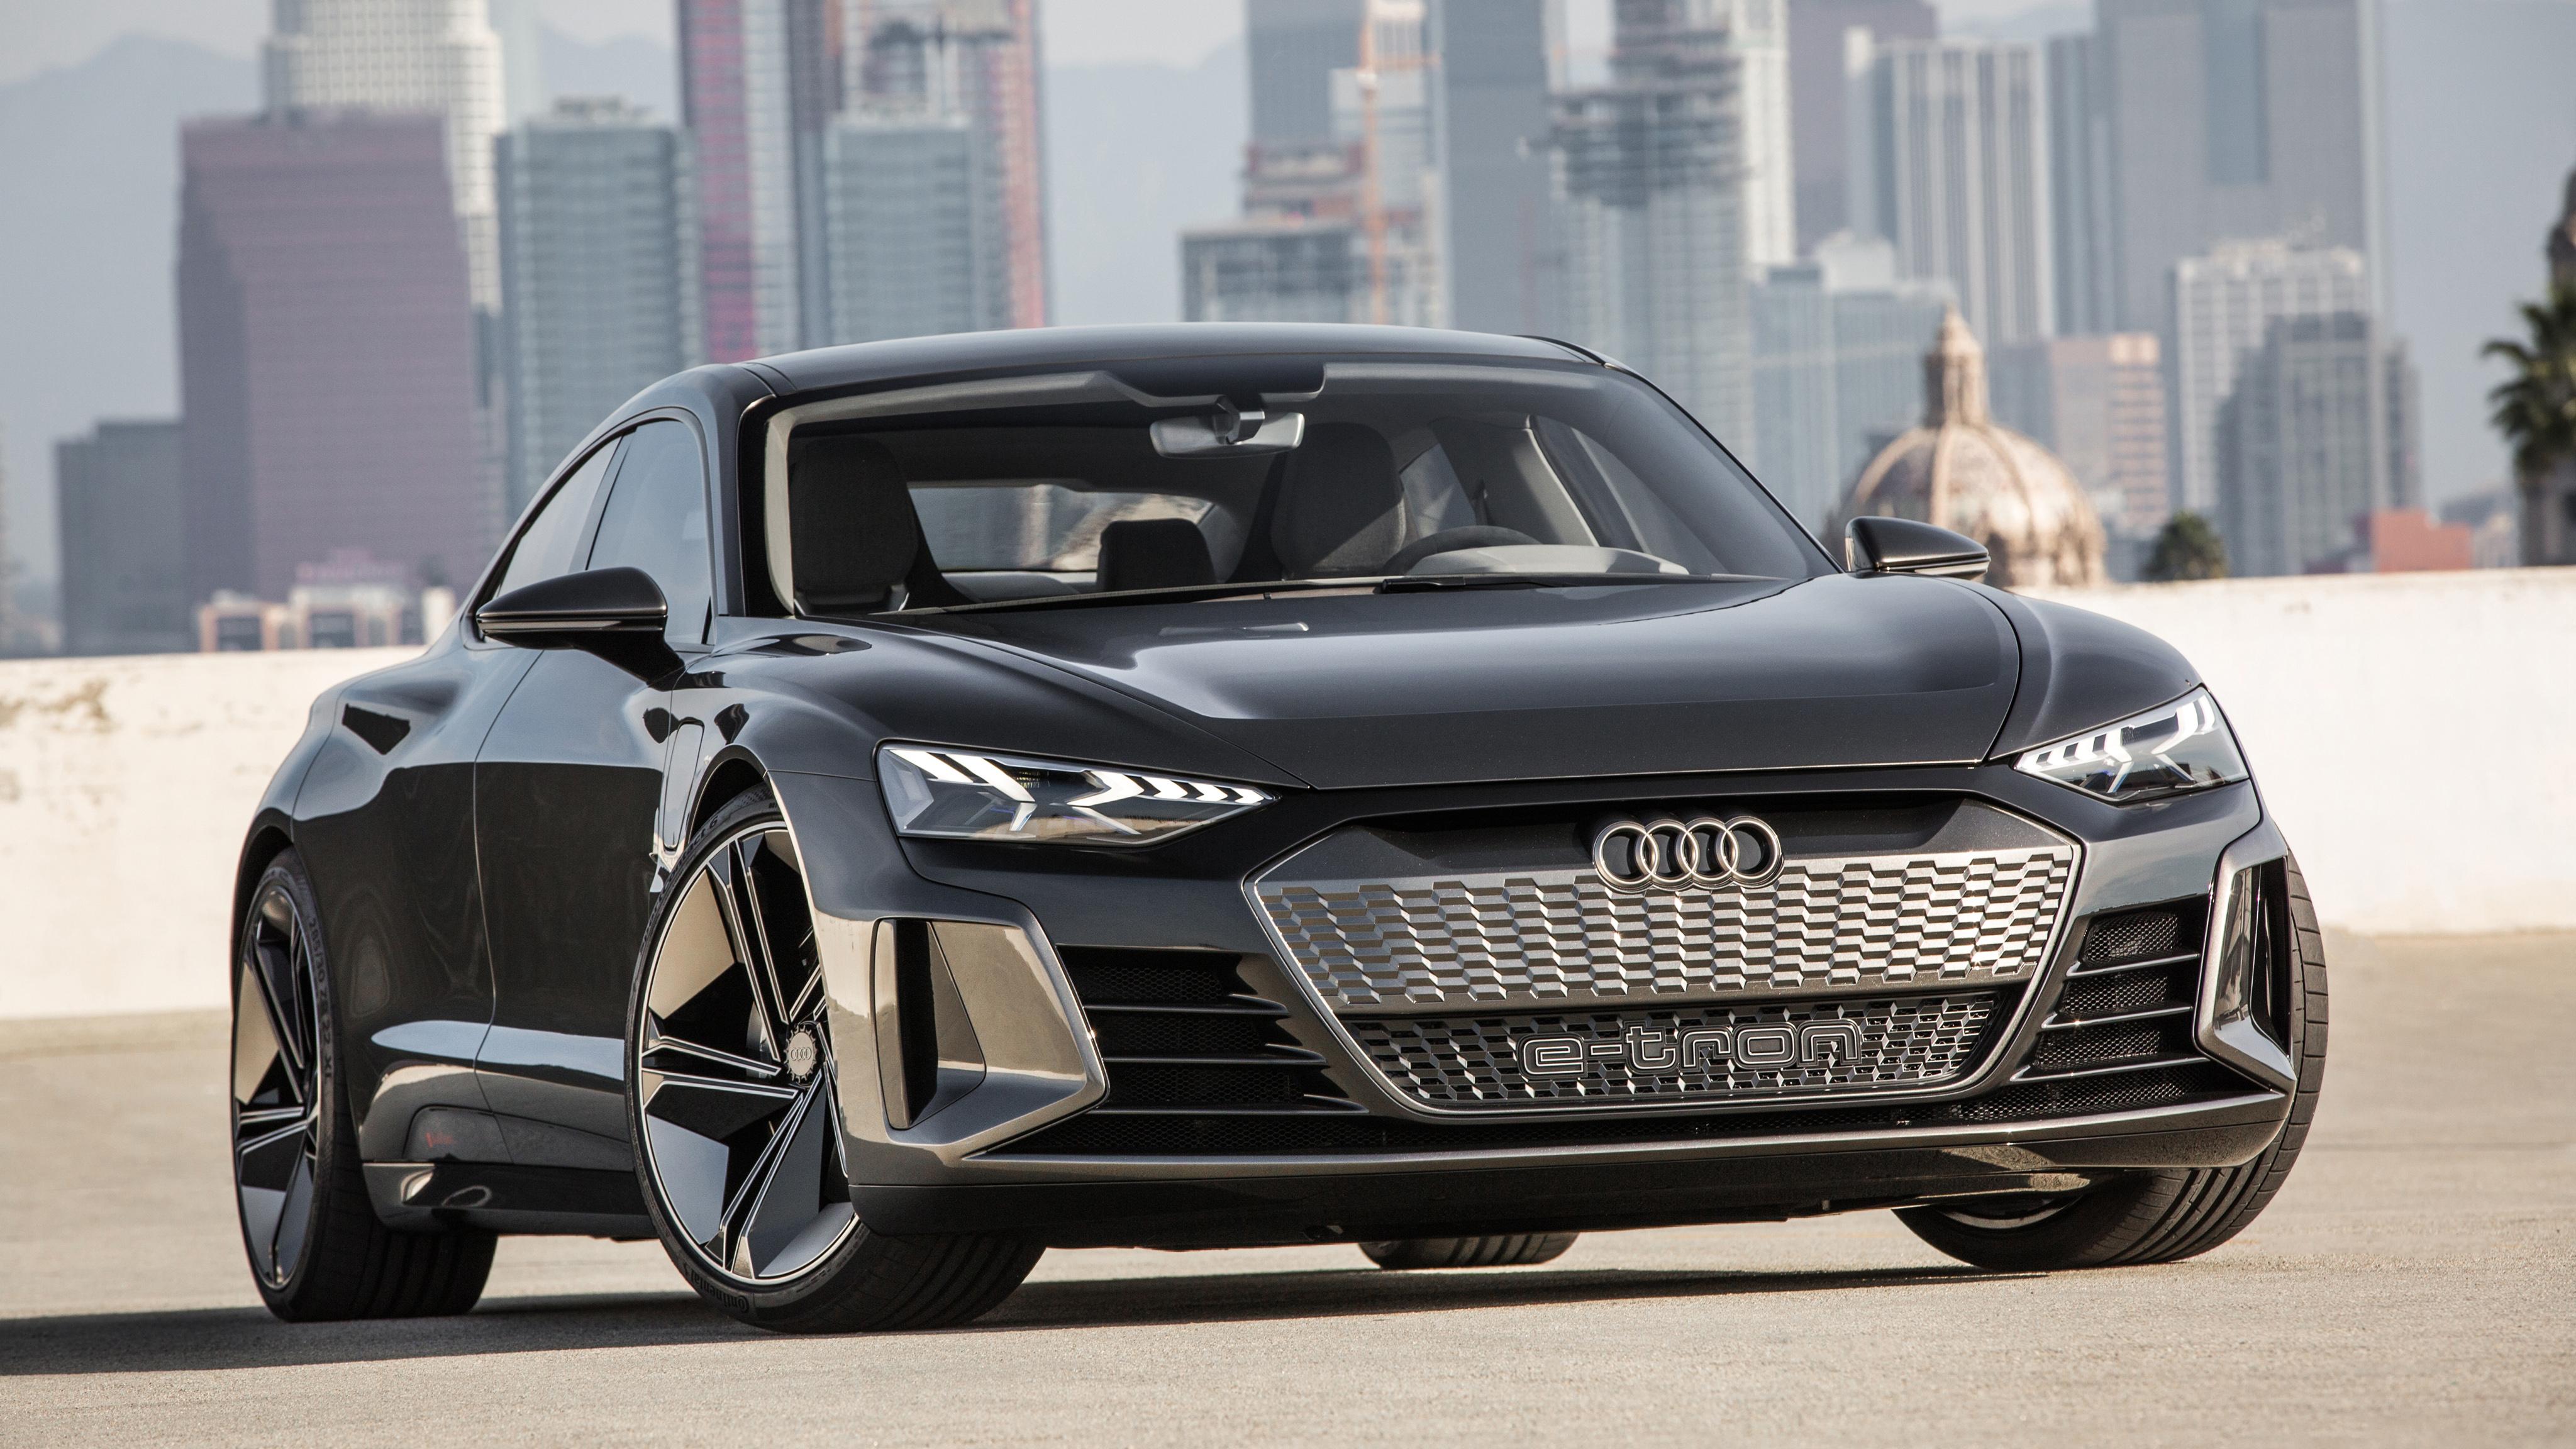 Audi E Tron Gt Concept 2019 4k 3 Wallpaper Hd Car Wallpapers Id 11601